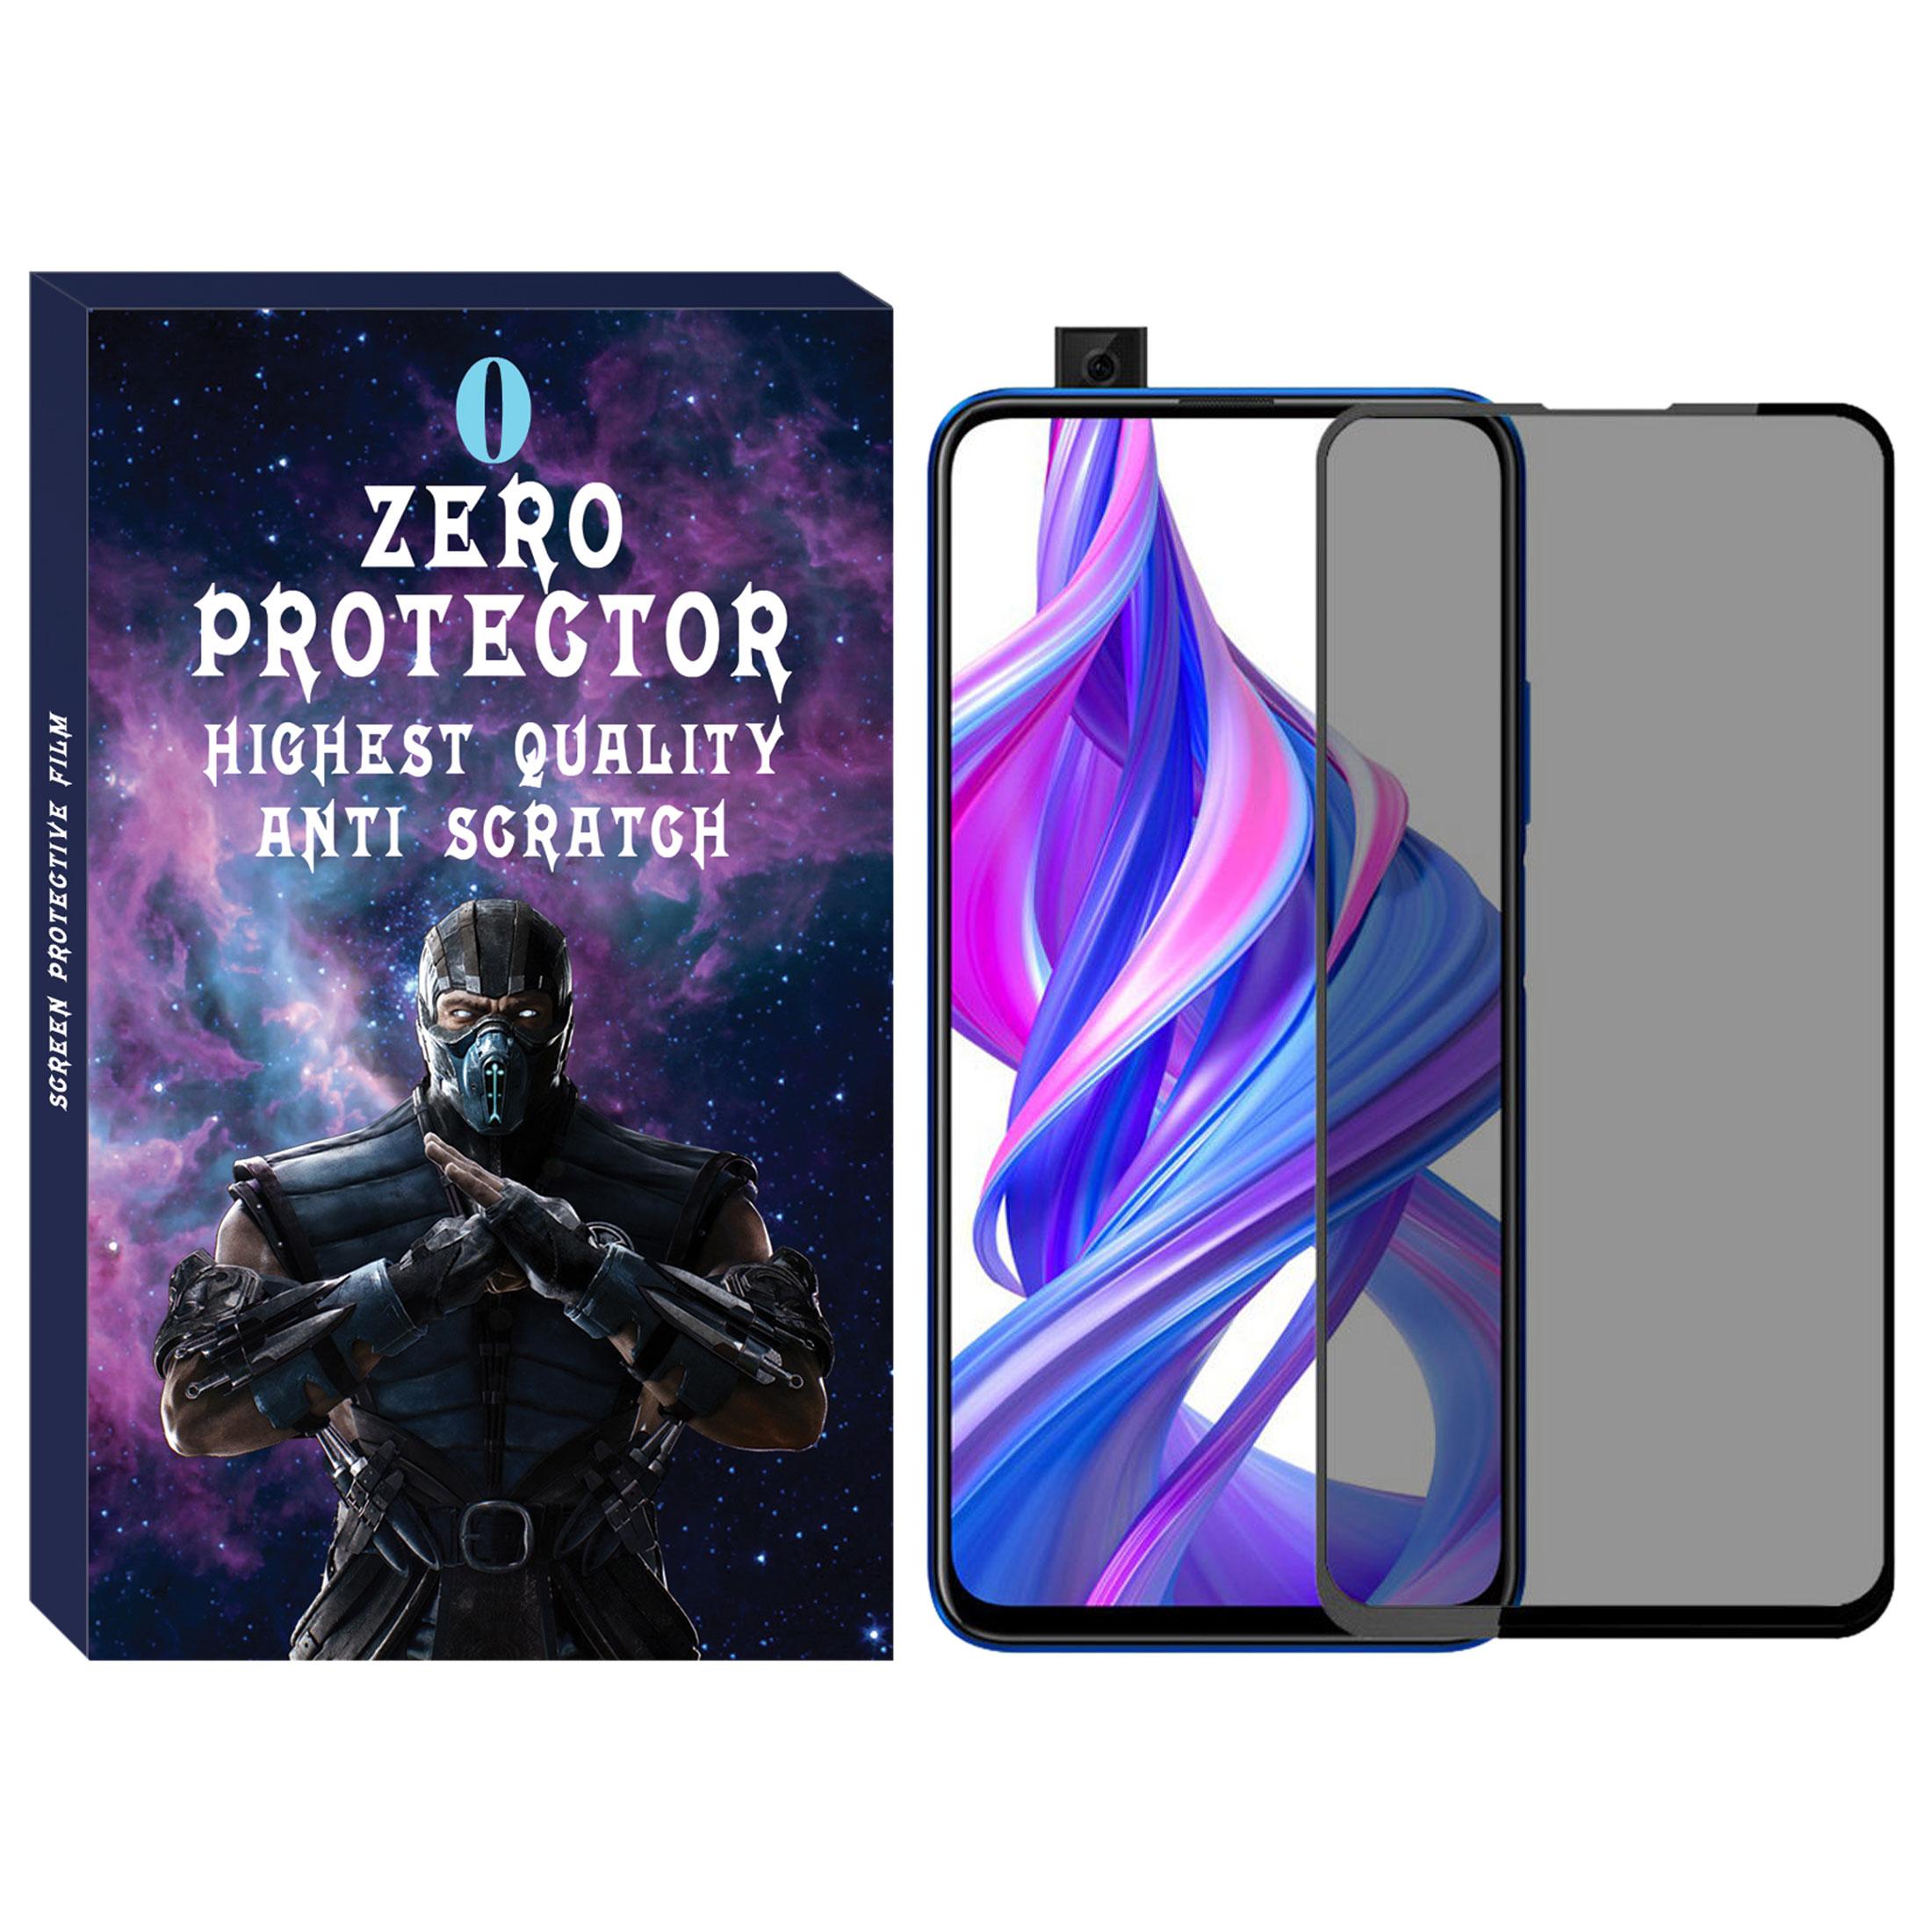 محافظ صفحه نمایش حریم شخصی زیرو مدل PRZ-01 مناسب برای گوشی موبایل هوآوی Y9s